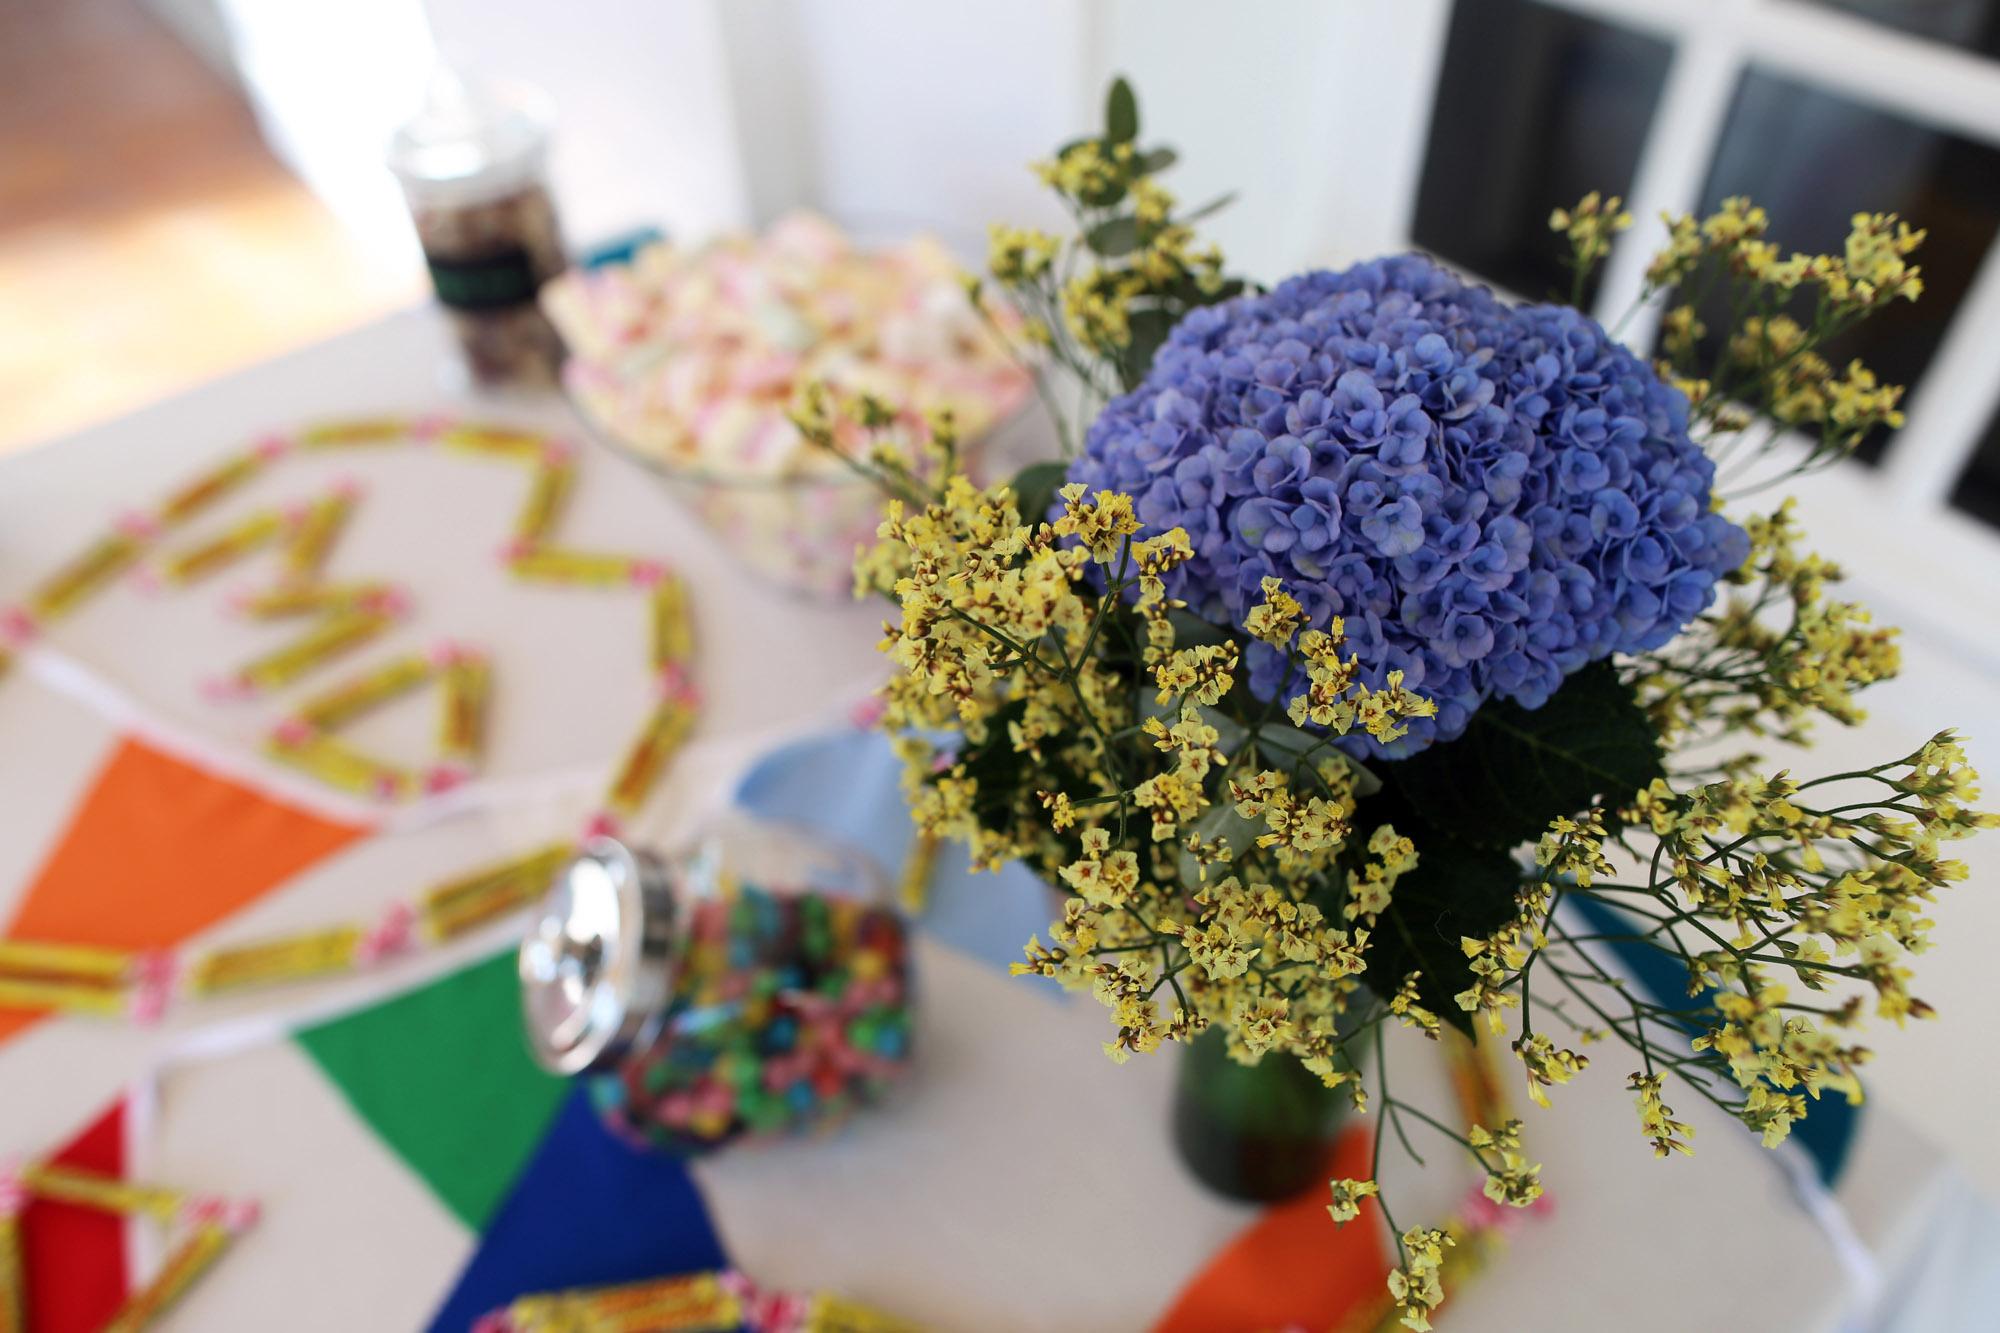 fleuriste-mariage-64-photographe-Sylvain-Mariotto-landes-pays-basque-20